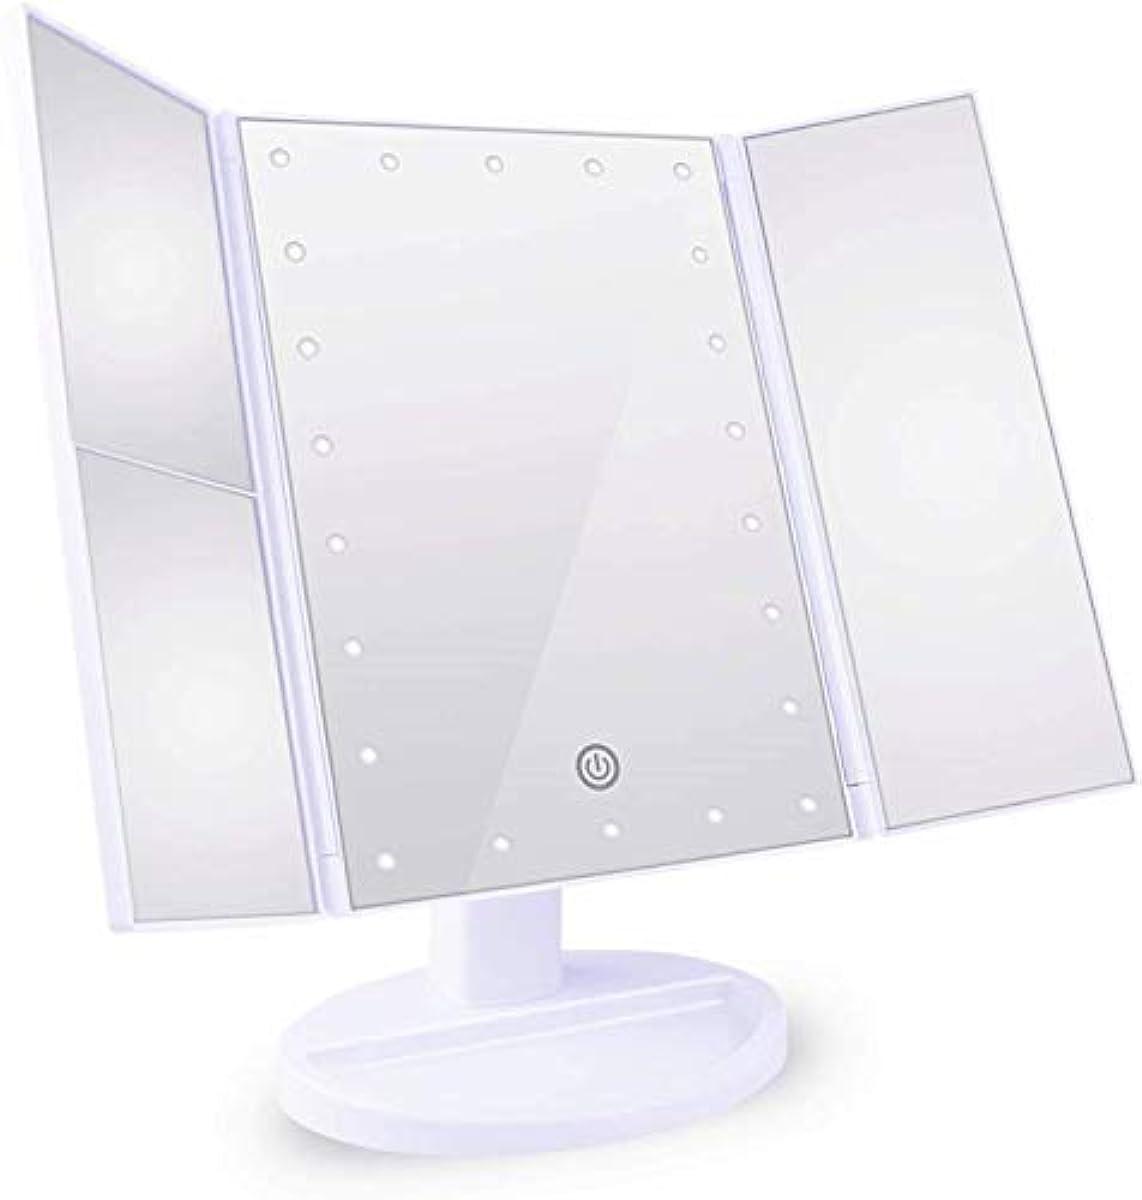 ボクシングはぁカイウス化粧鏡 女優ミラー 三面鏡 Neolly 鏡 led 付き 卓上鏡 化粧ミラー 折りたたみ 明るさ調整可能 2&3倍拡大鏡付 180 °回転 電池&USB 2WAY給電 ホワイト